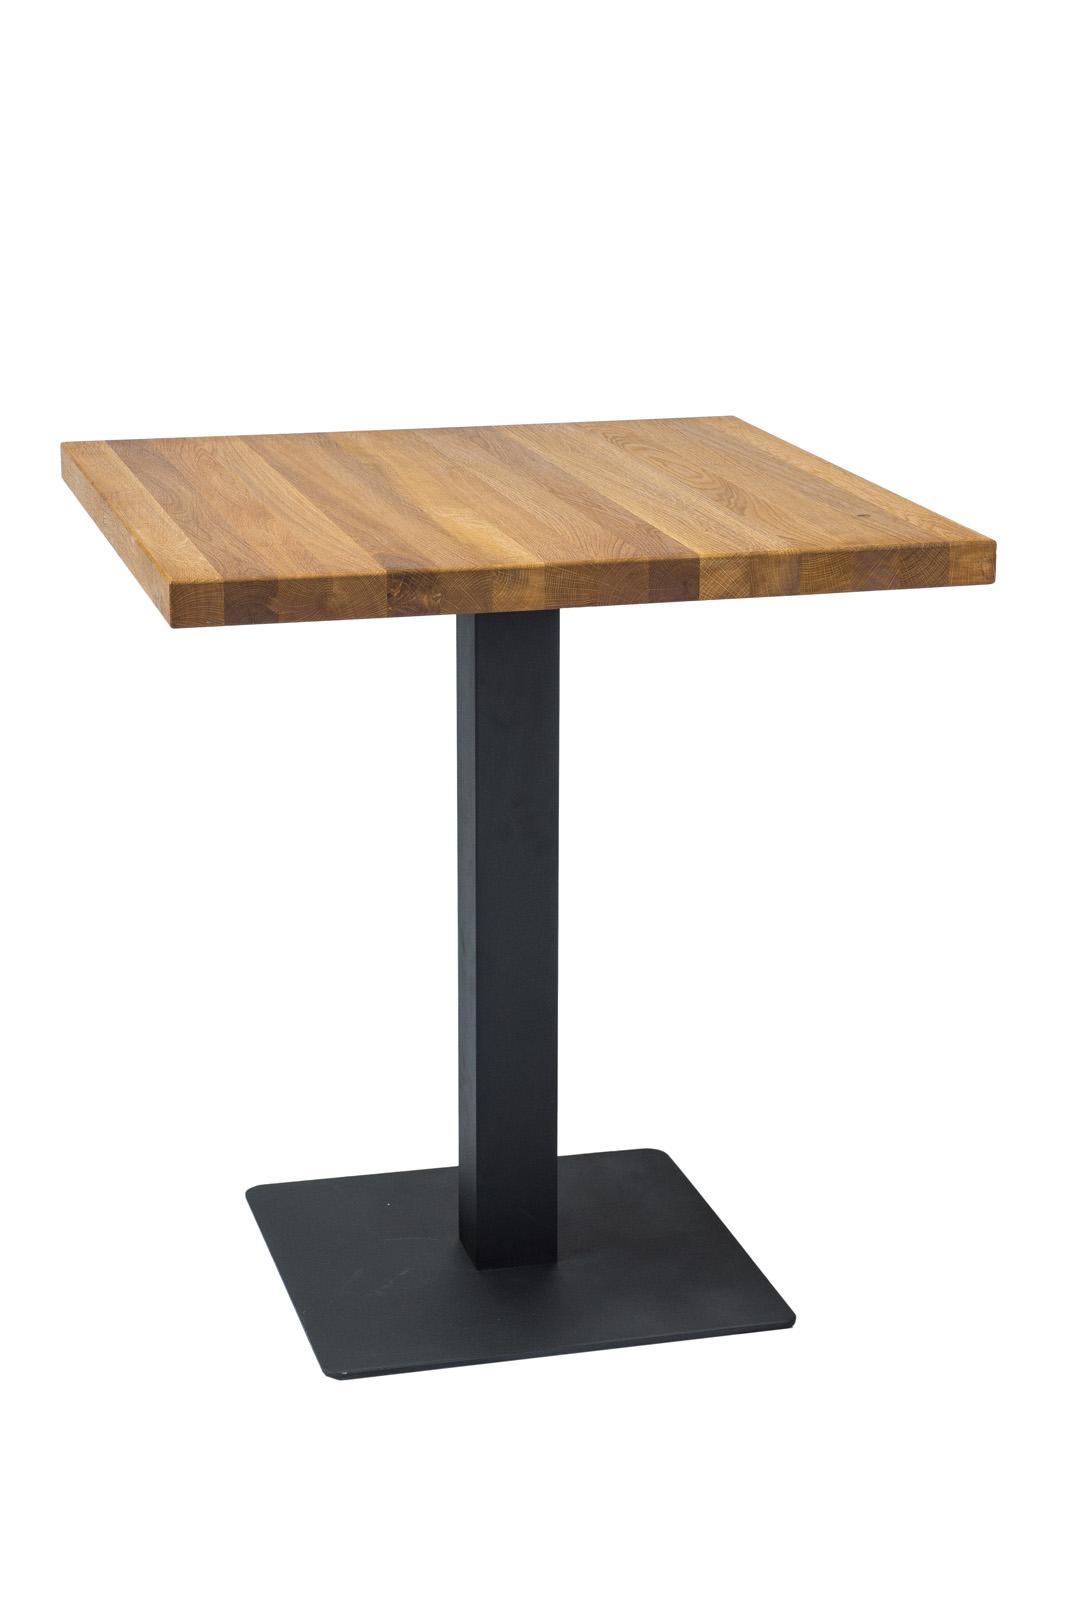 Signal Jedálenský stôl Puro / Dubová dýha Prevedenie: 76 x 80 x 80 cm